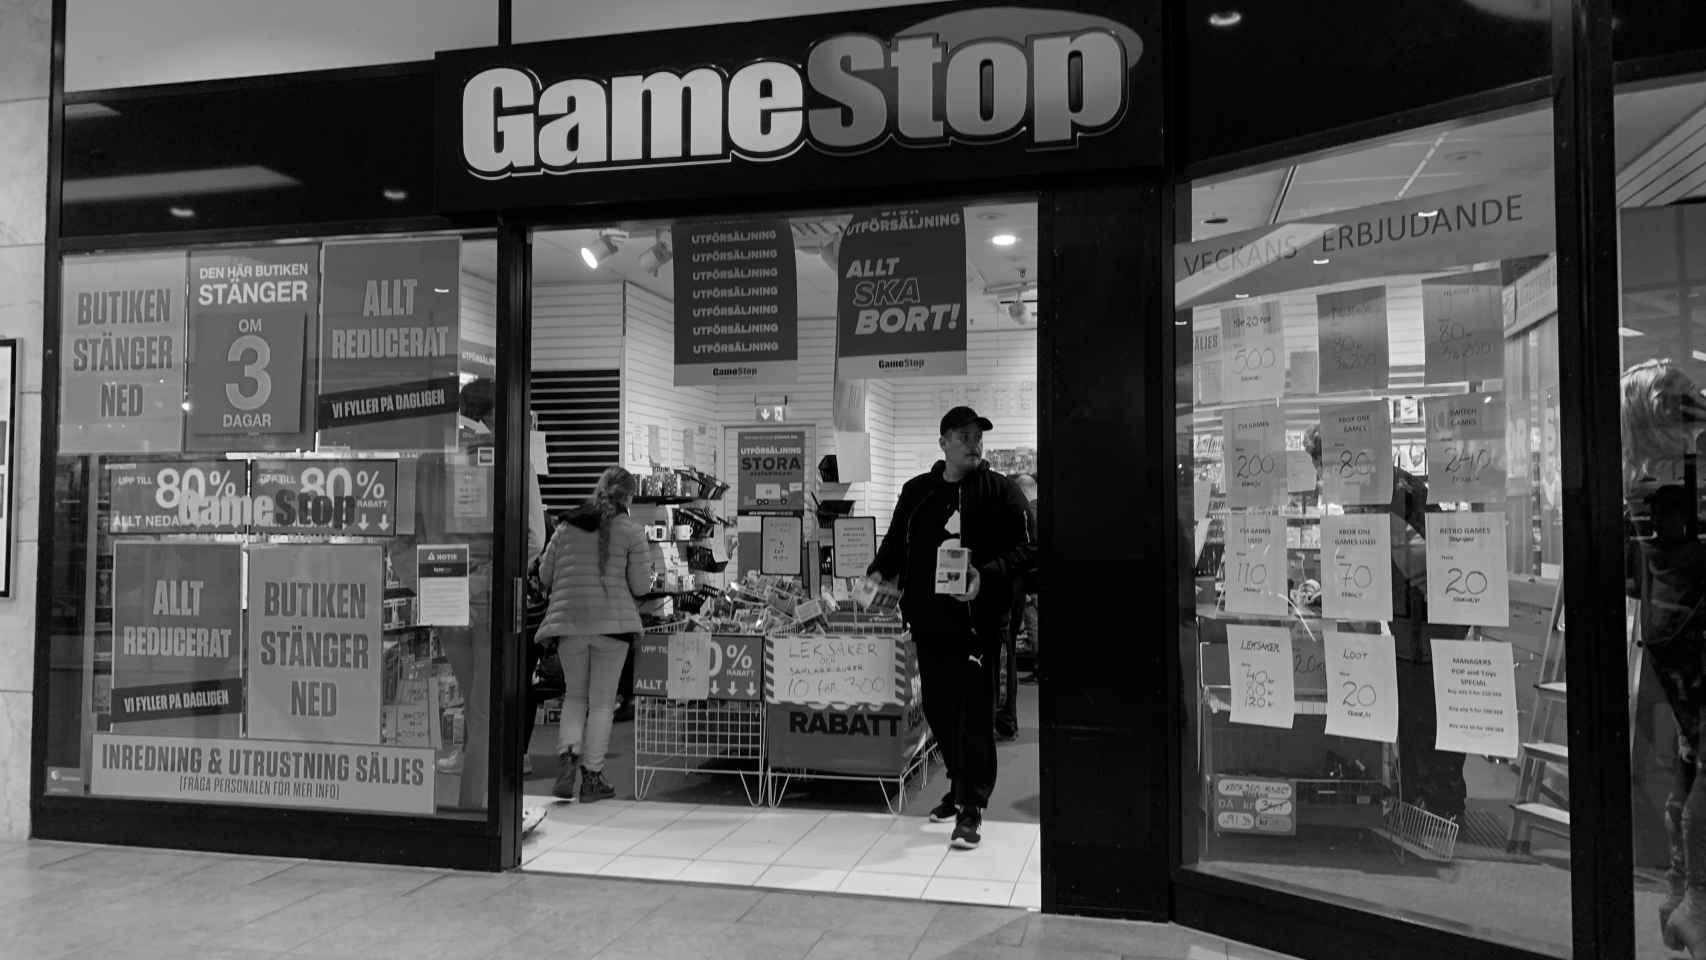 ¿De verdad GameStop puede valer más que 32 empresas del Ibex 35?